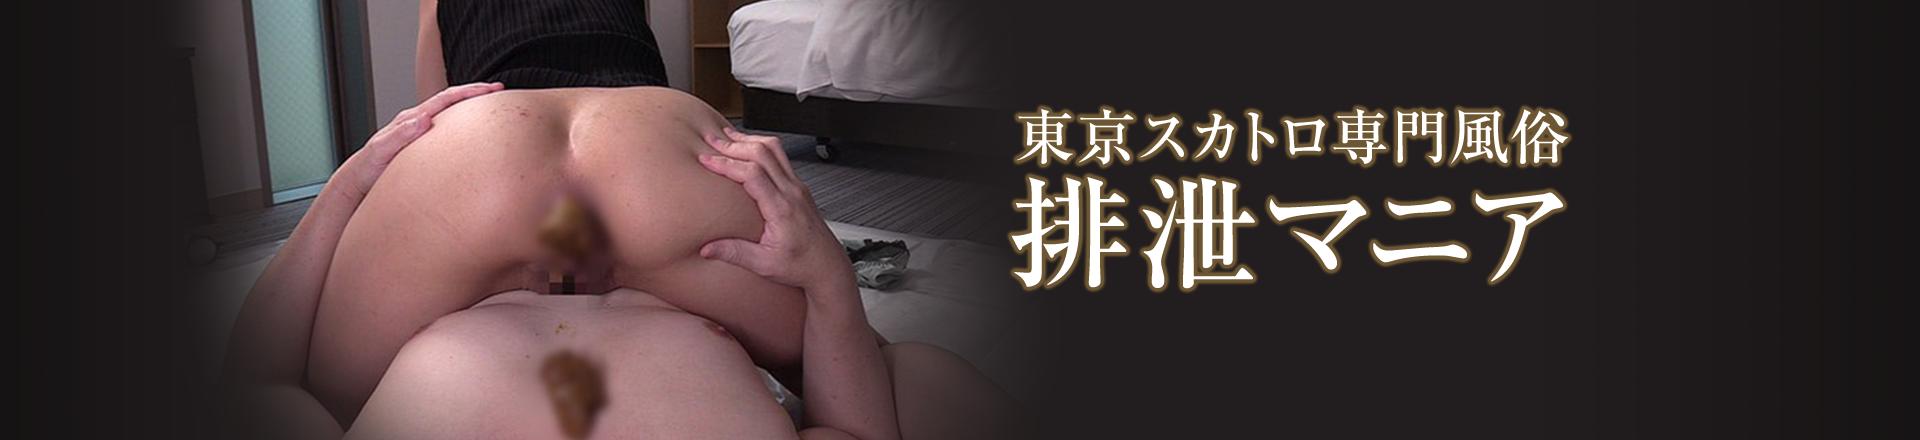 東京 スカトロ風俗『排泄マニア』